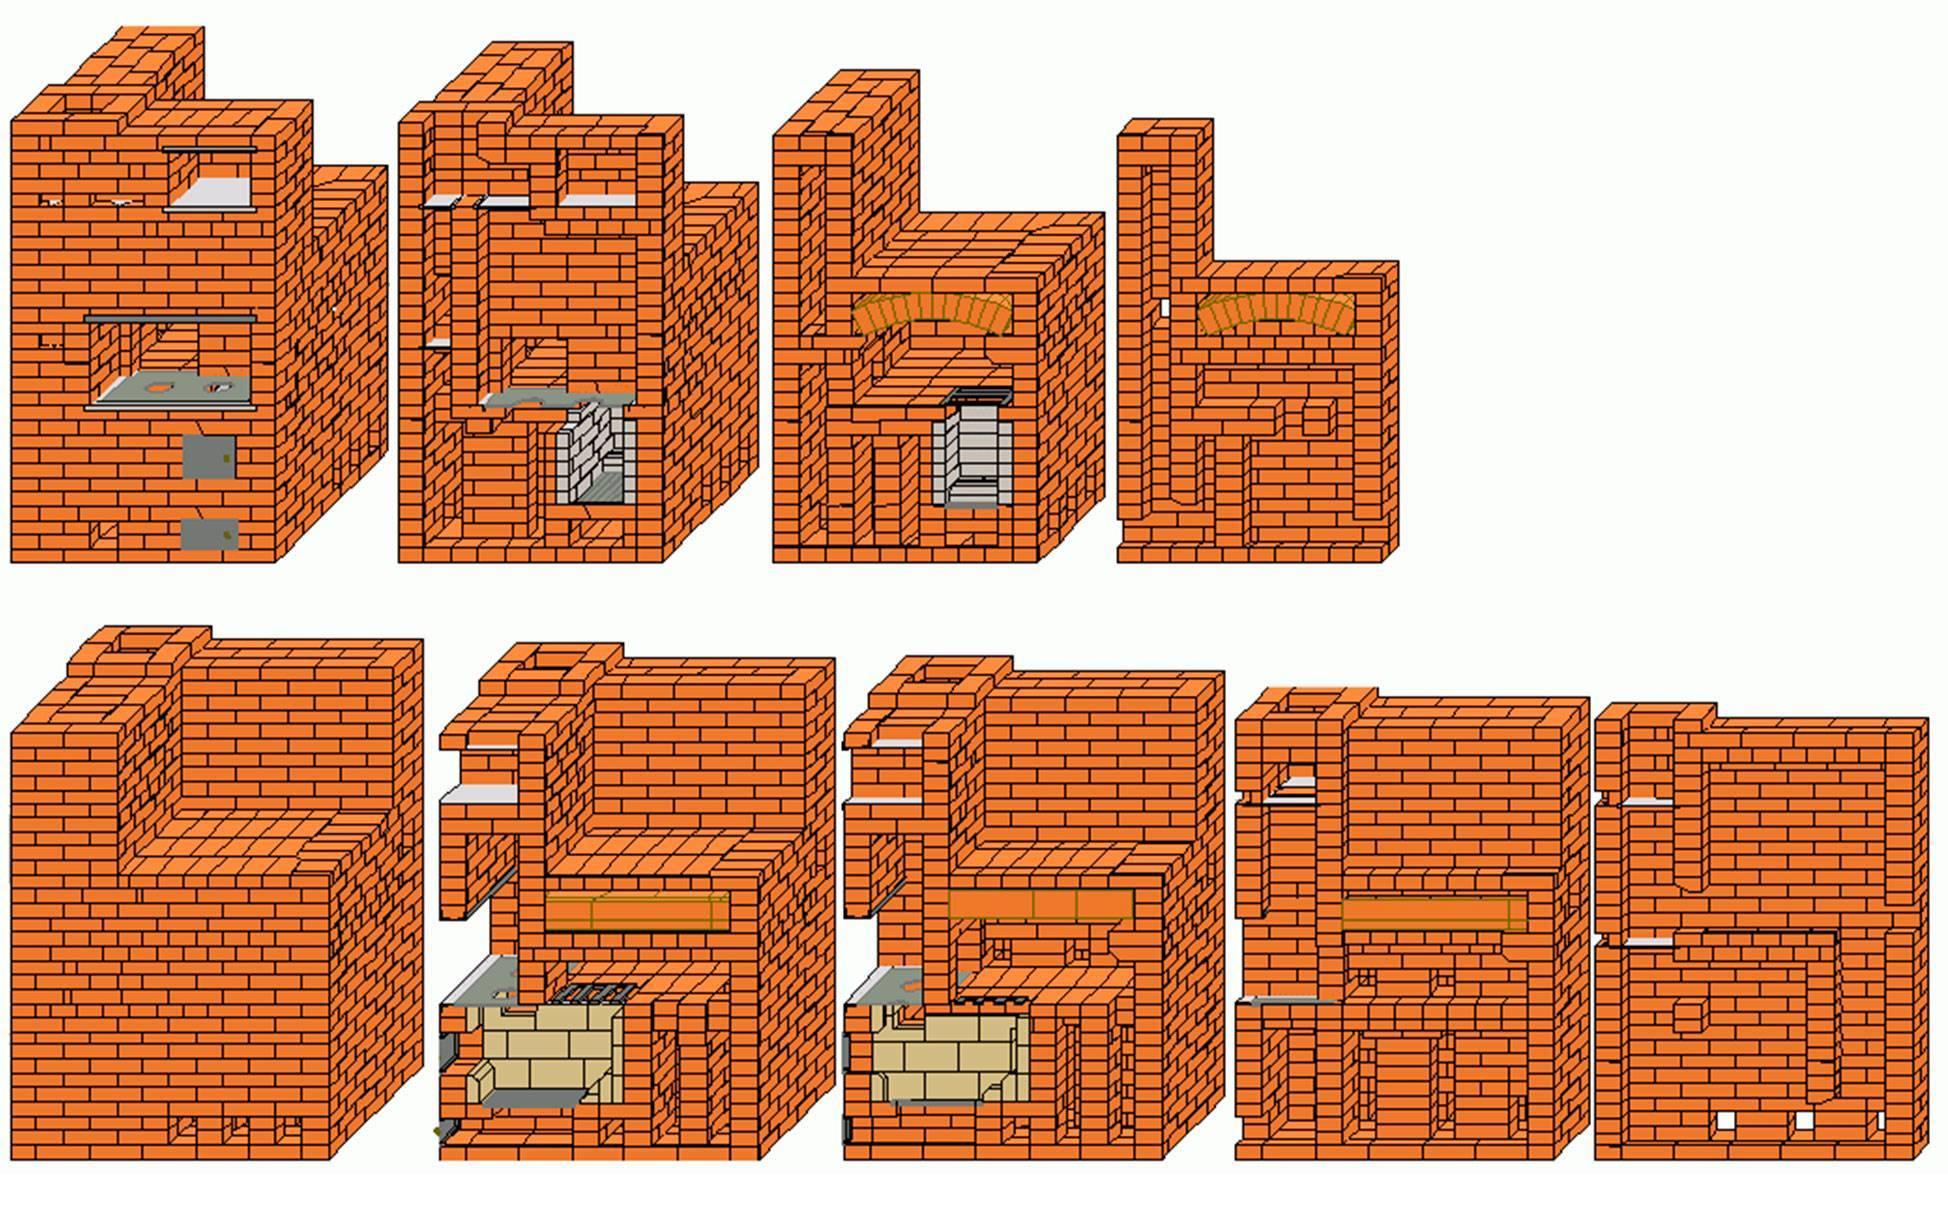 Русская печь: схема строительства, принцип работы, варианты порядовки